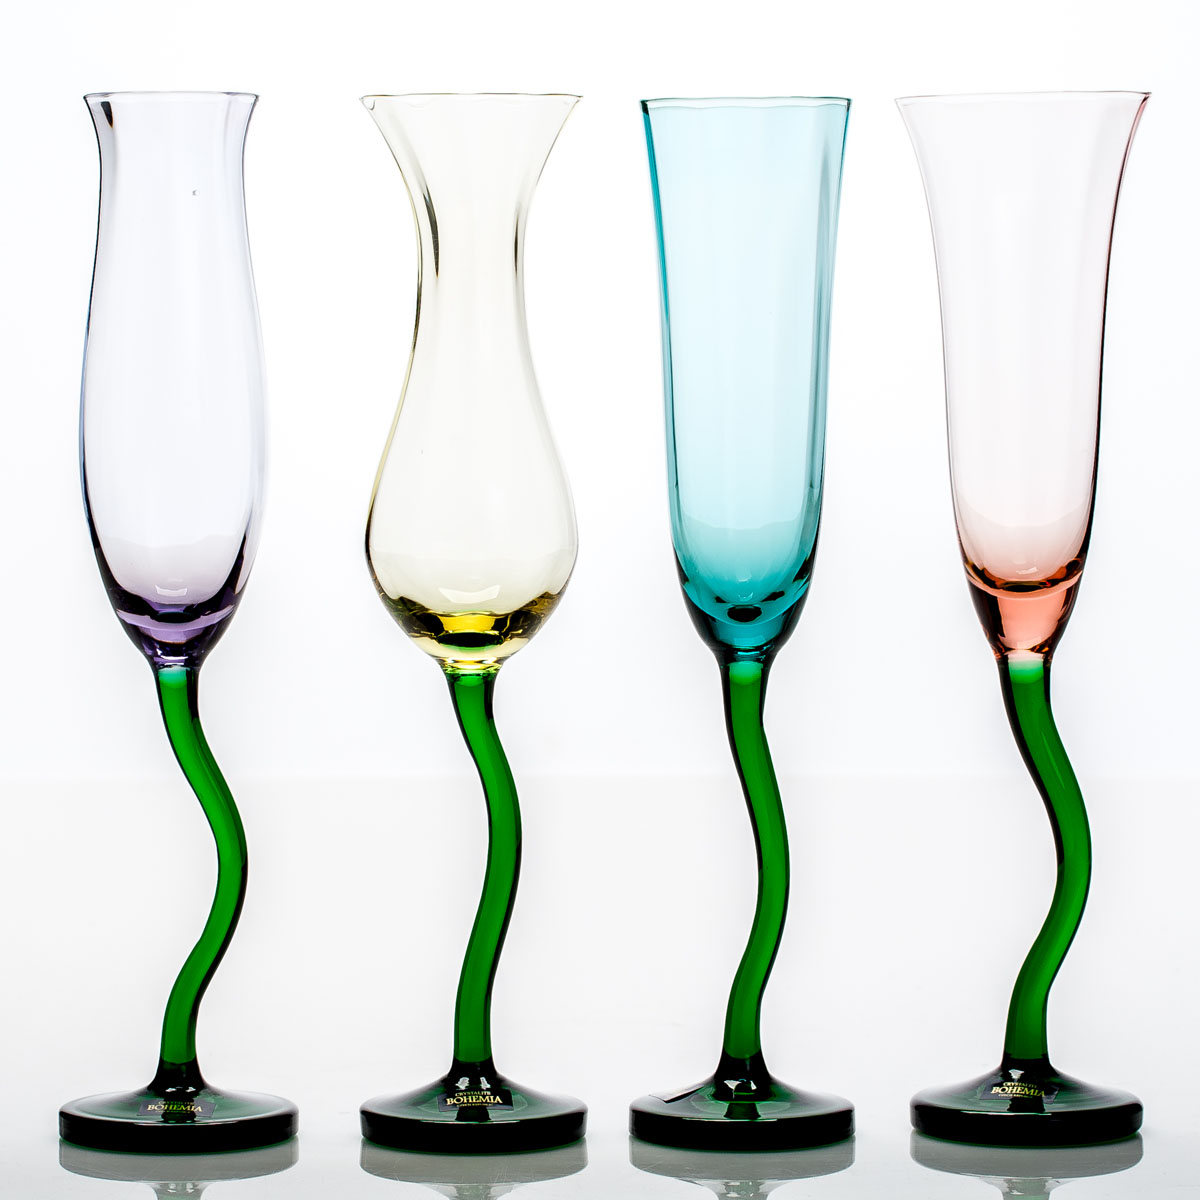 Набор фужеров для шампанского Цветы, 220 мл, 4 шт. 458312Ам 89711Набор фужеров для шампанского Цветы, состоящий из двух фужеров,несомненно, придется вам по душе. Они изготовлены из прочноговысококачественного прозрачного стекла. Фужеры сочетают в себе элегантныйдизайн и функциональность. Благодаря такому набору пить напитки будет ещевкуснее.